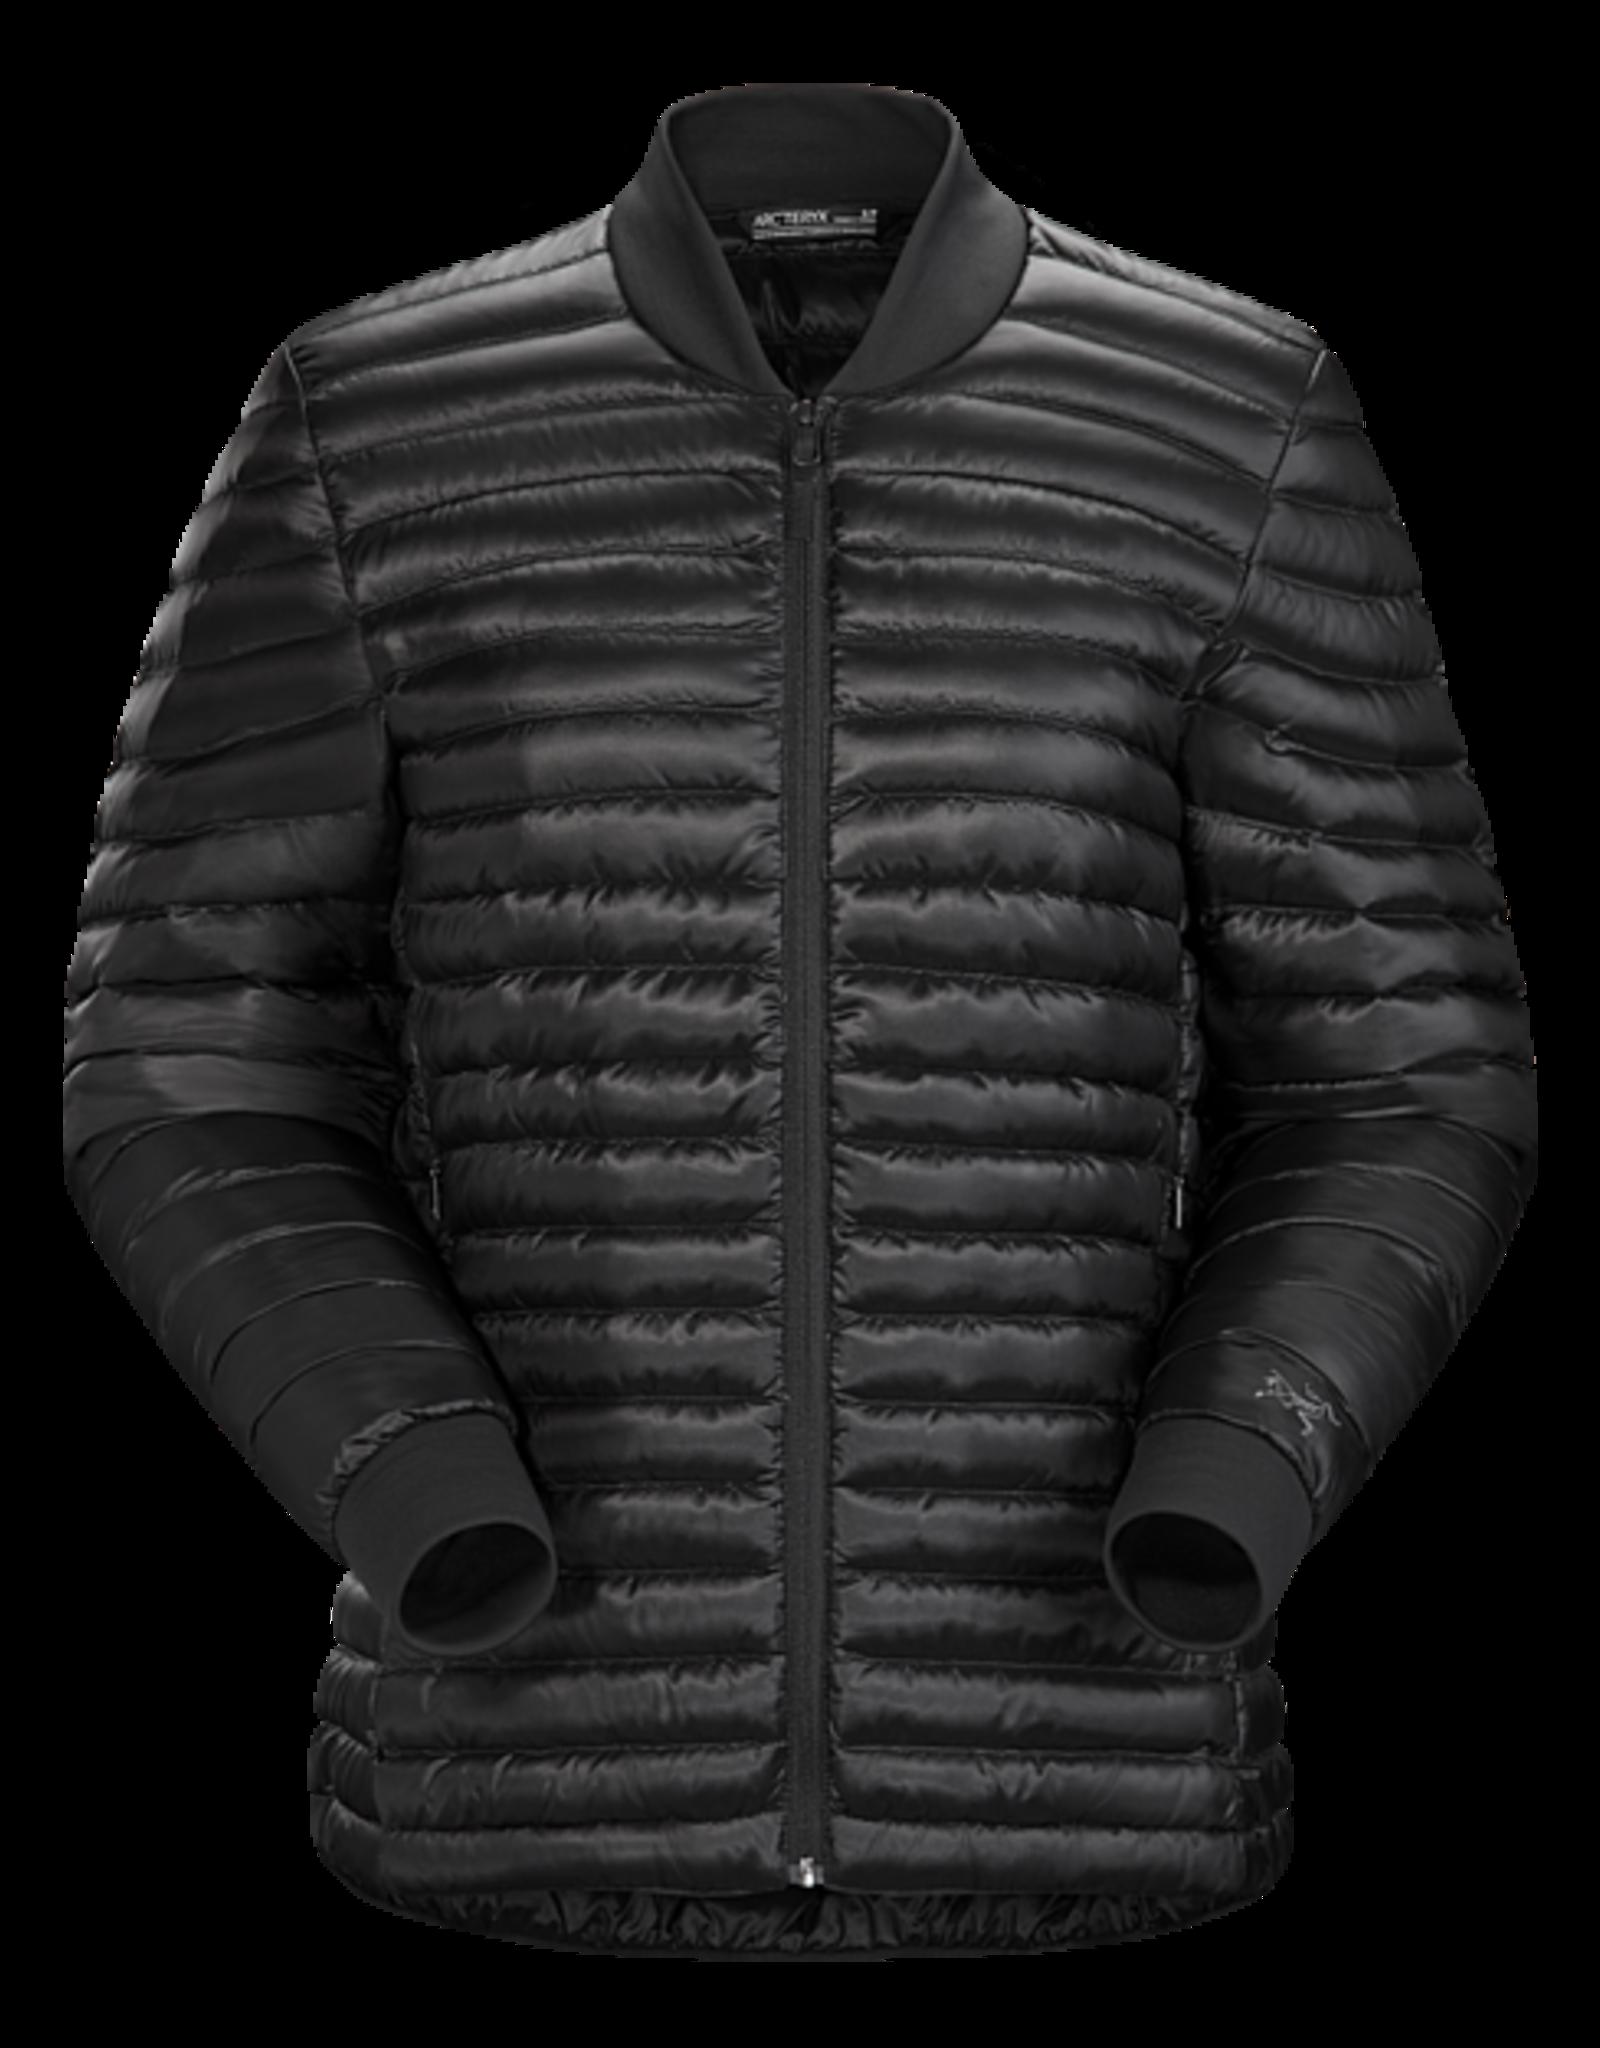 Arc'teryx Arc'teryx Women's Nexis Jacket